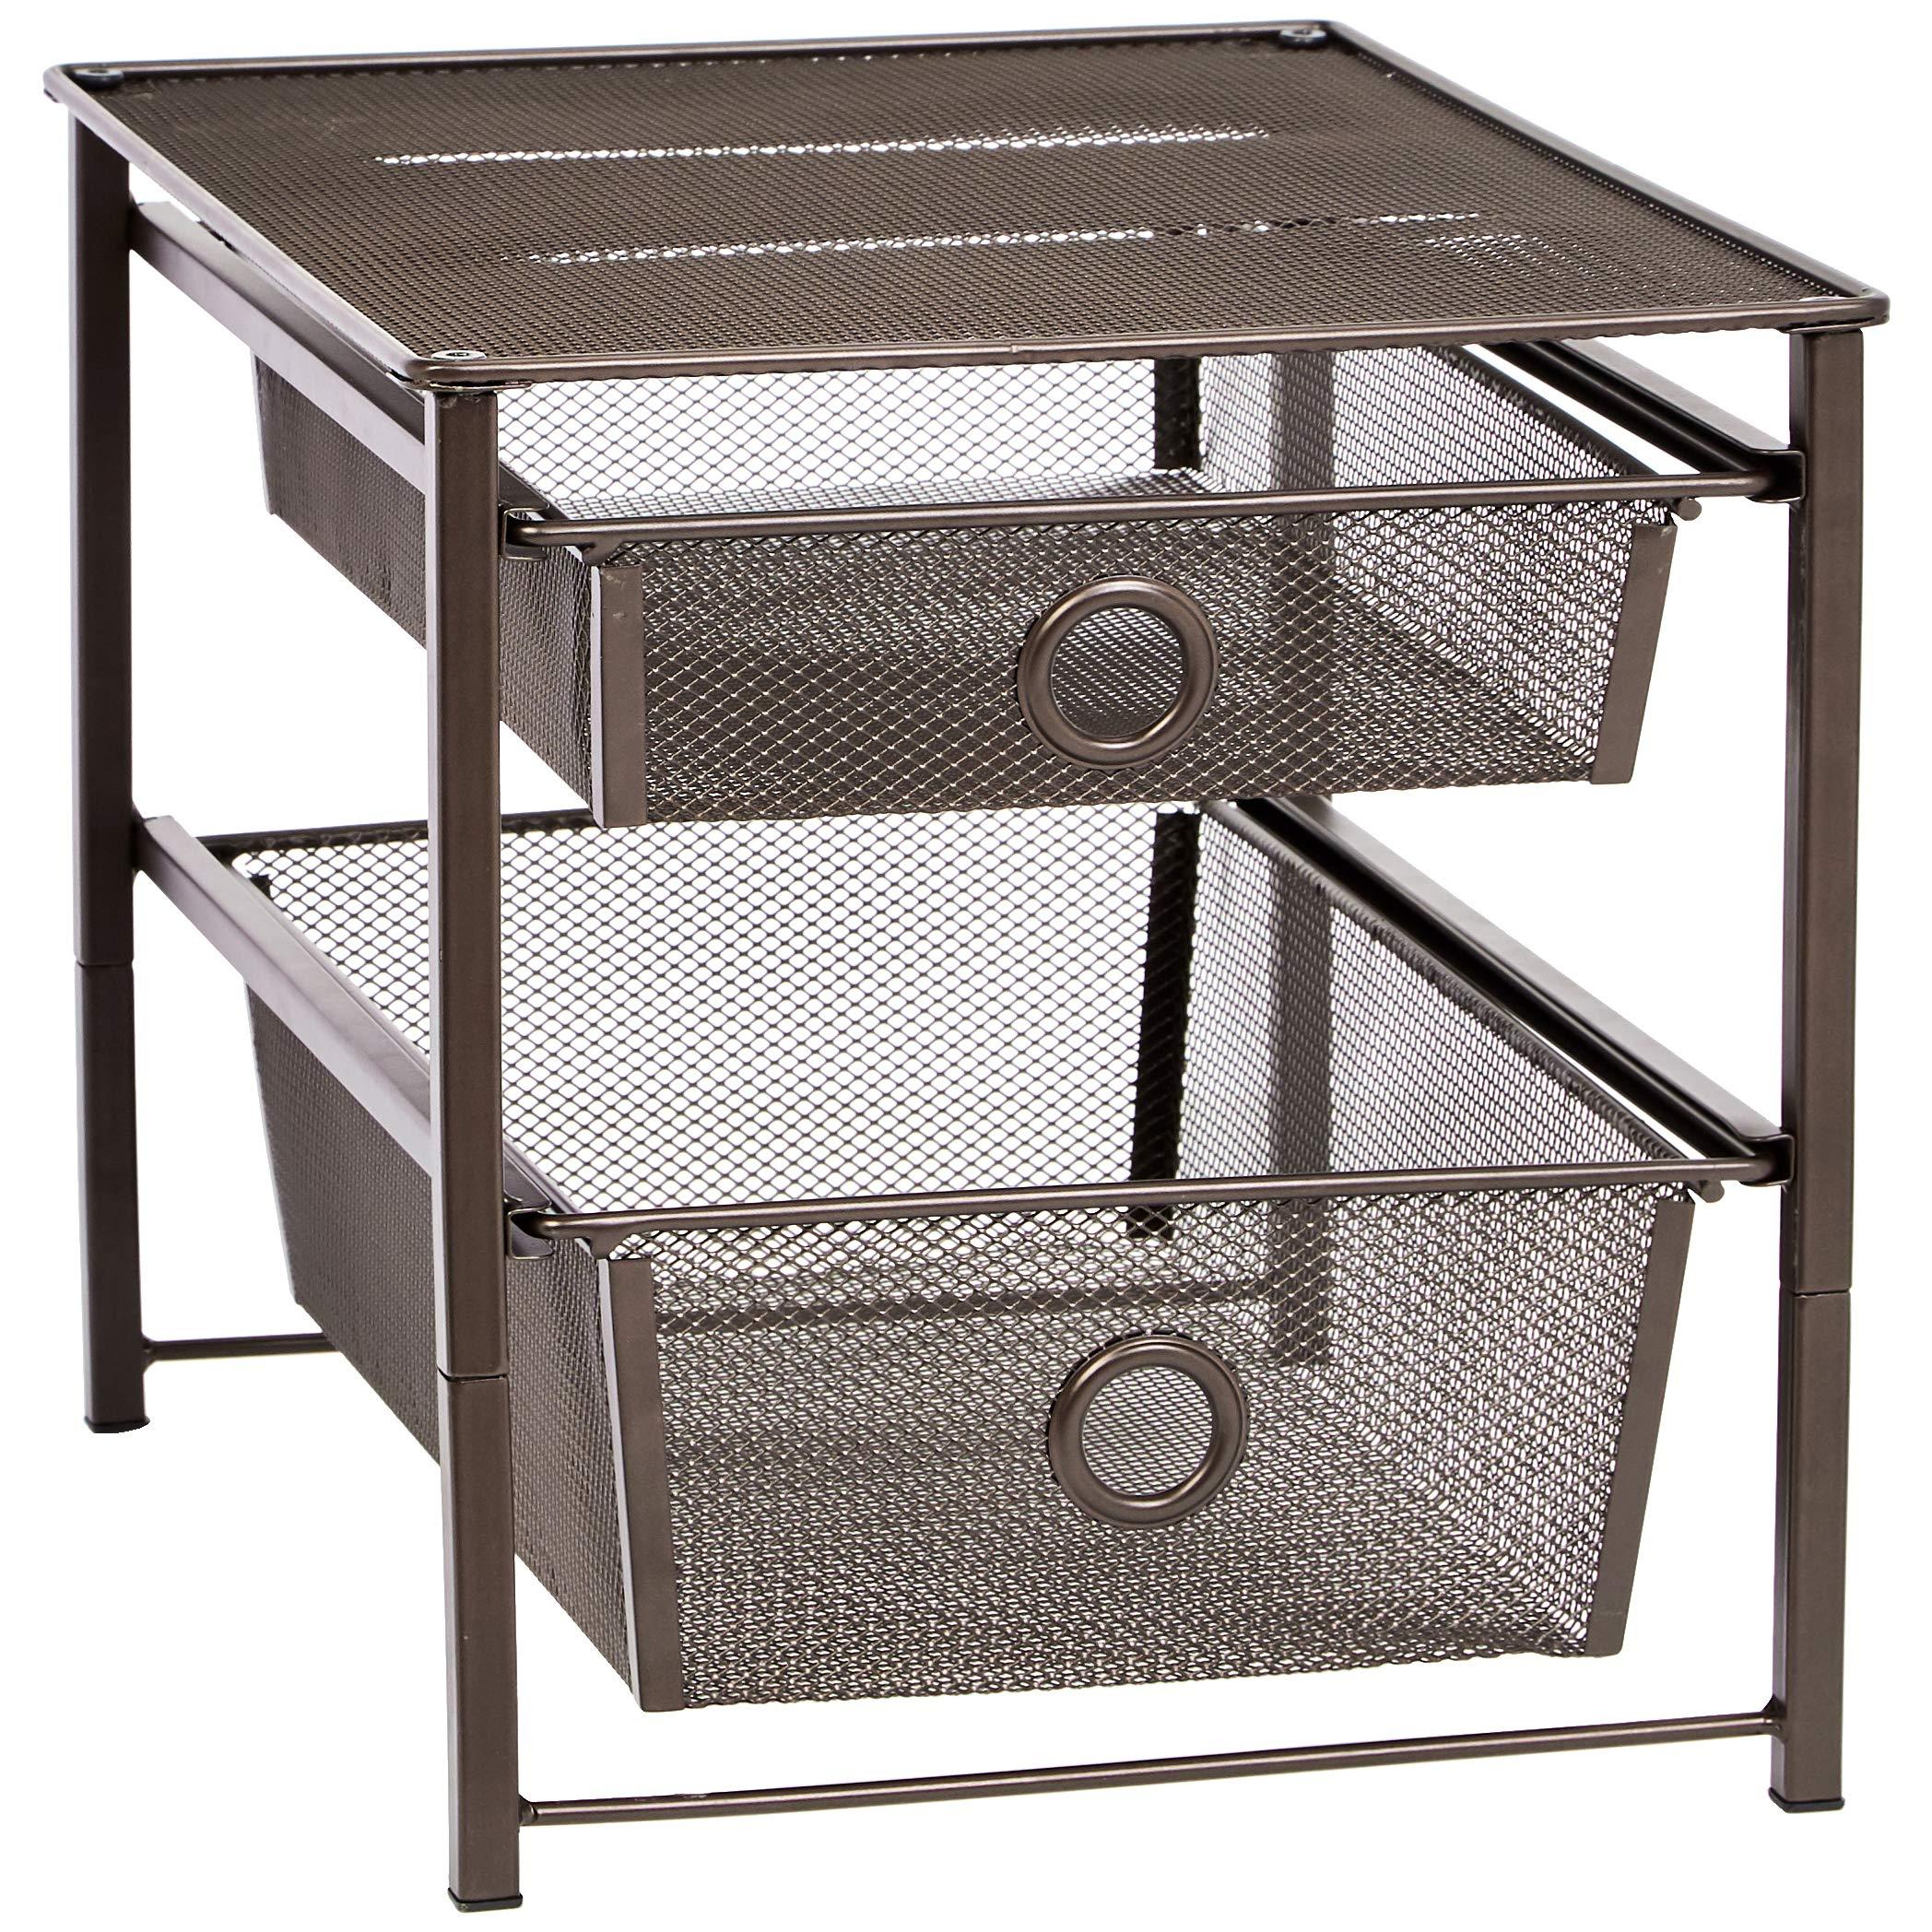 AmazonBasics – Organizador con cestas deslizantes en 2 niveles, Bronce product image